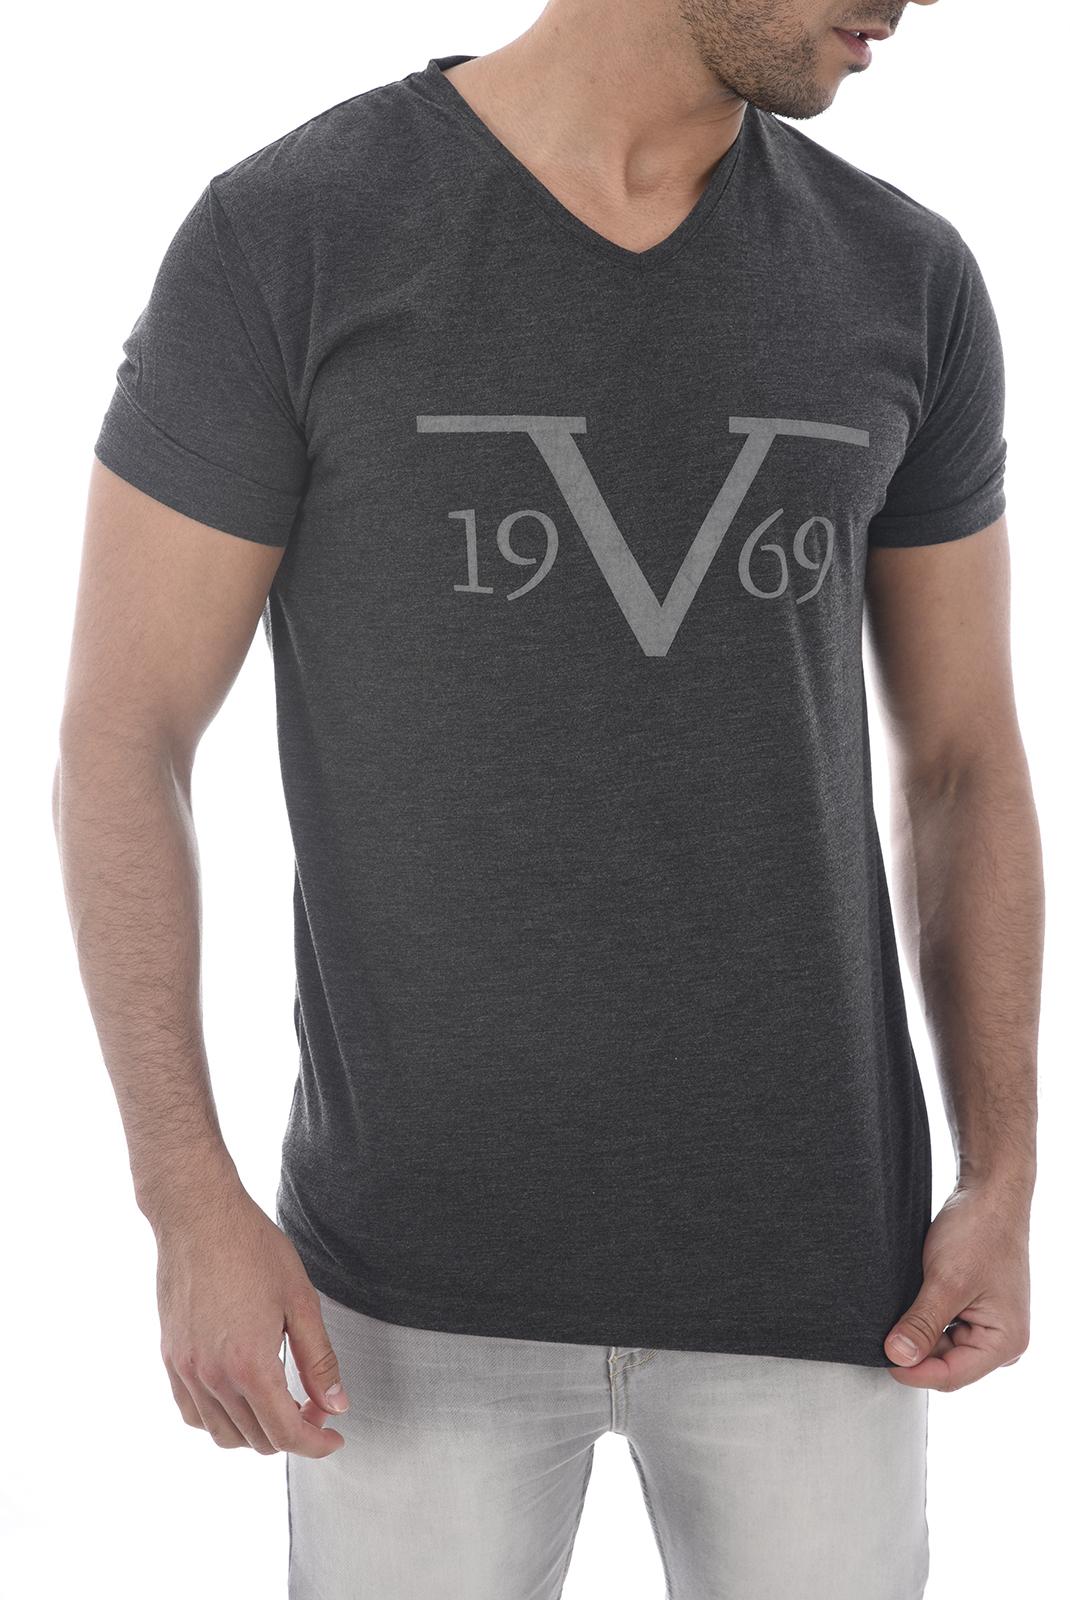 T-S manches courtes  Versace 19.69 SALERNE GRIS